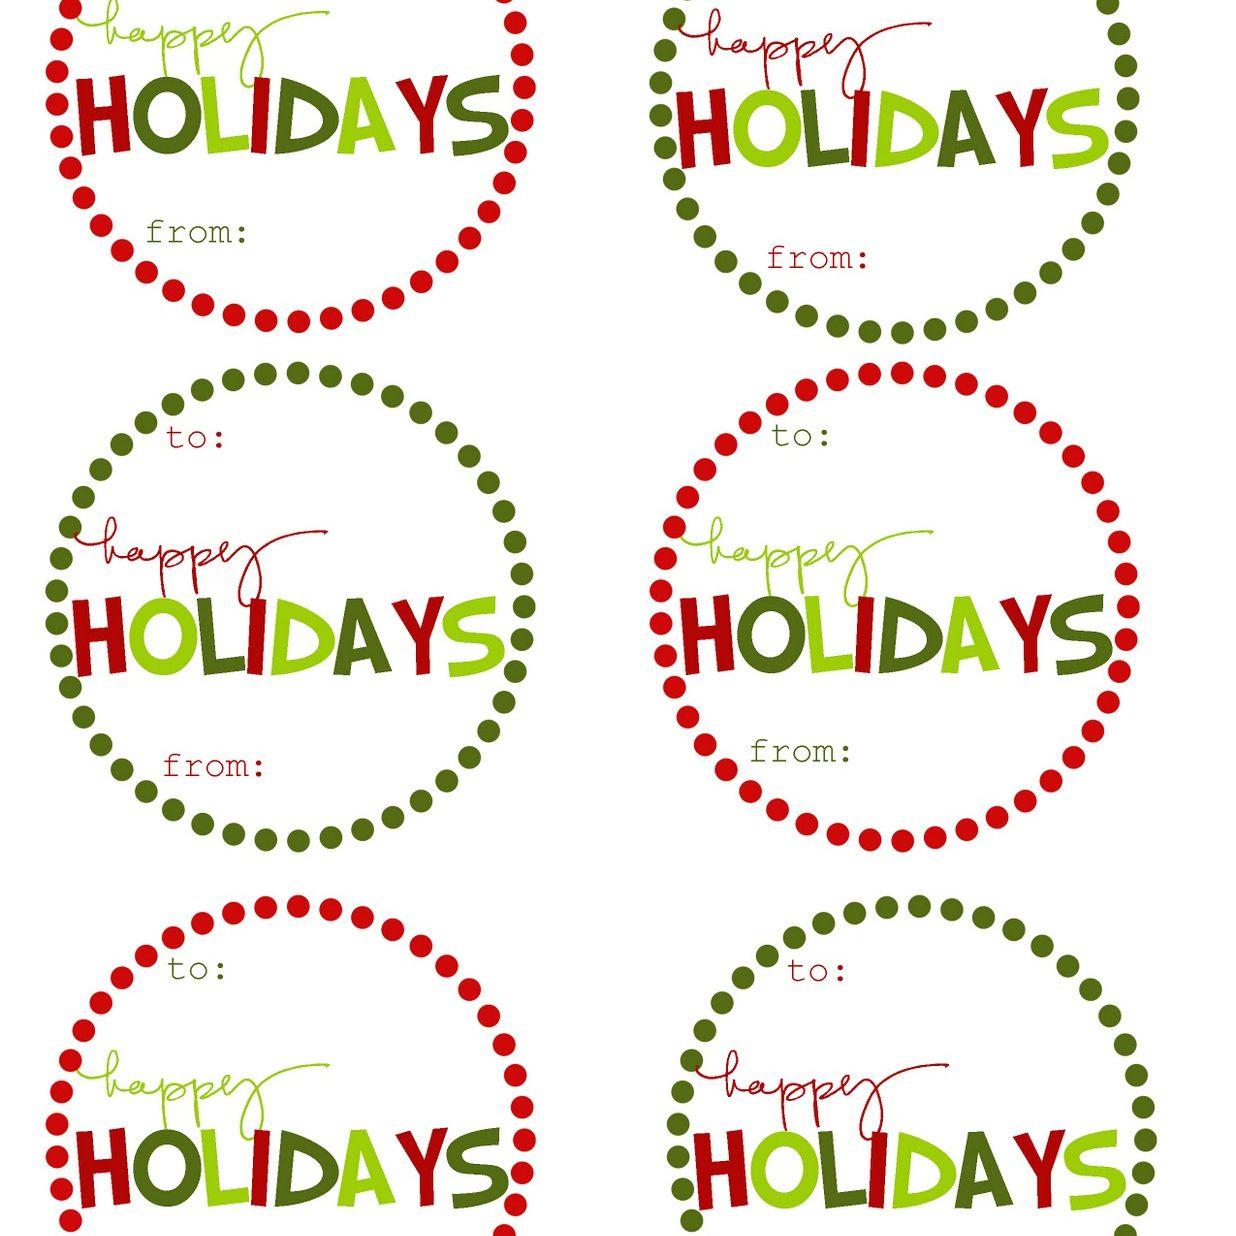 40 Sets Of Free Printable Christmas Gift Tags - Free Customized Name Tags Printable